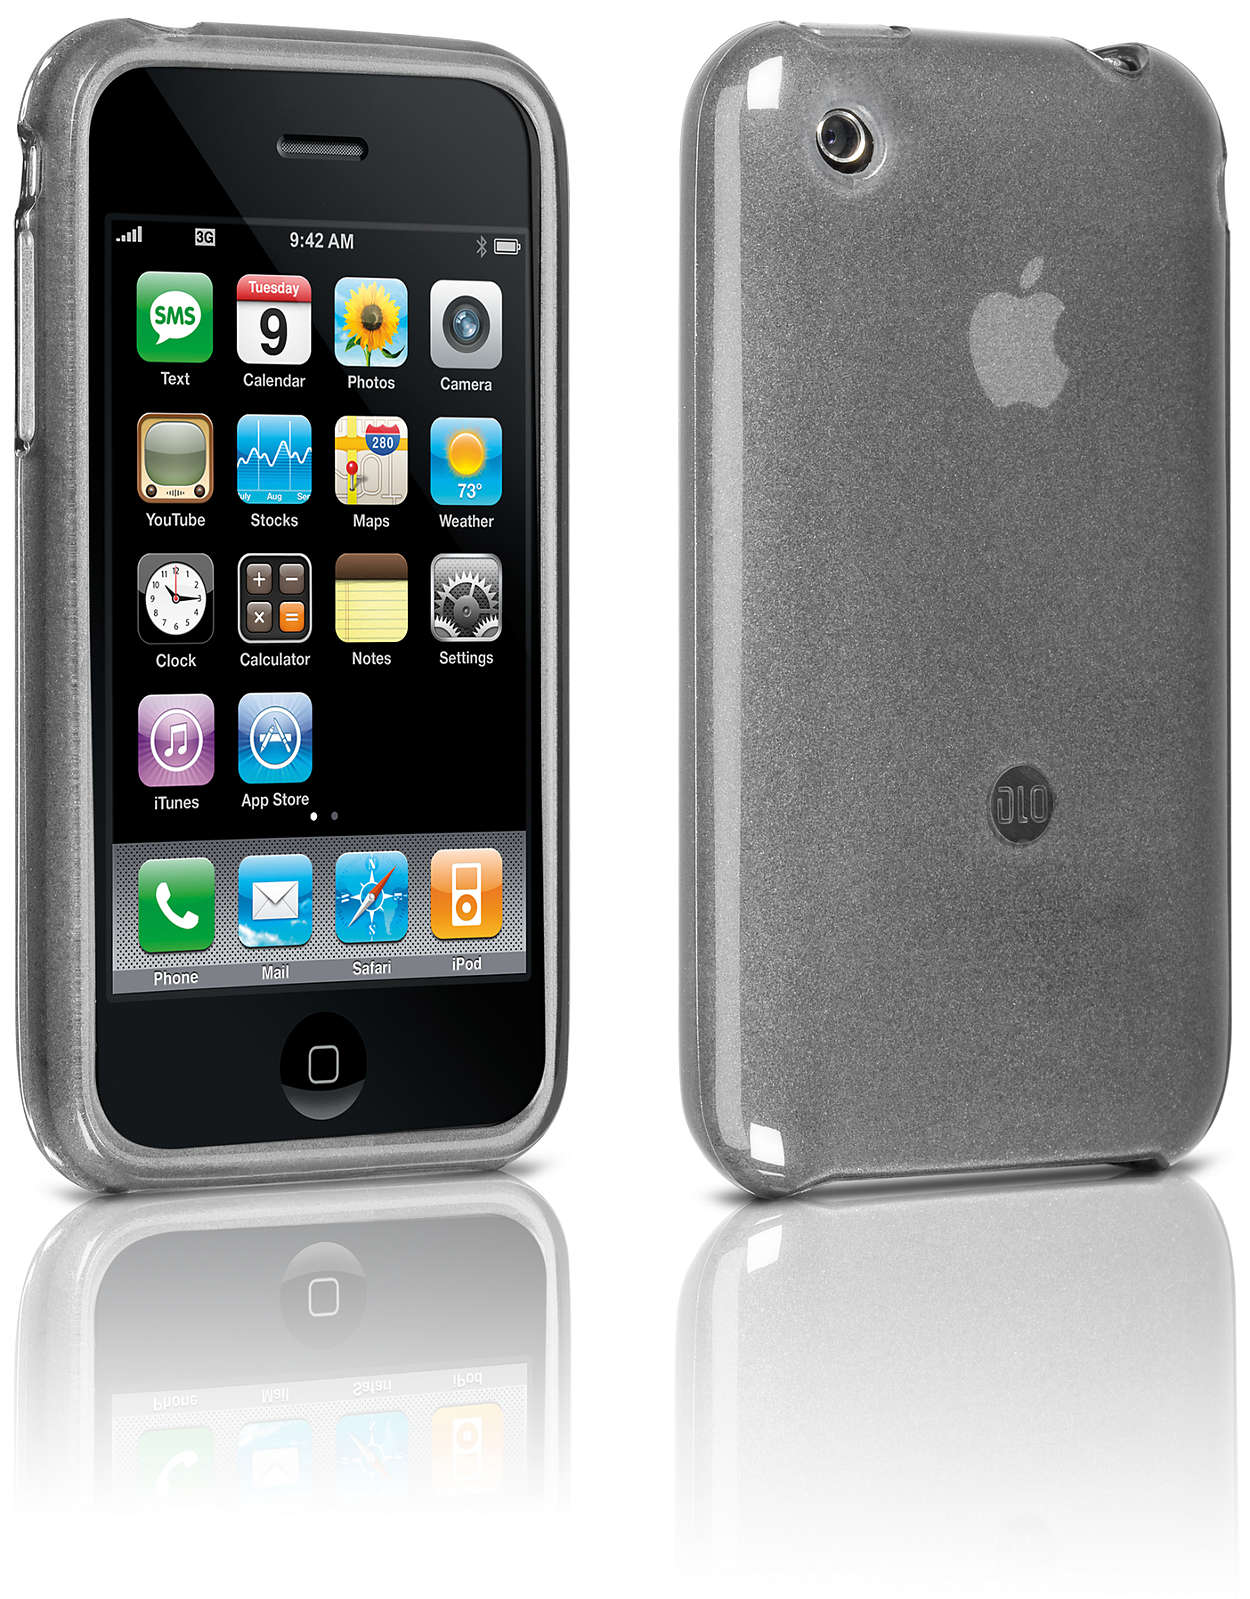 Flexible Hülle als Schutz für Ihr iPhone